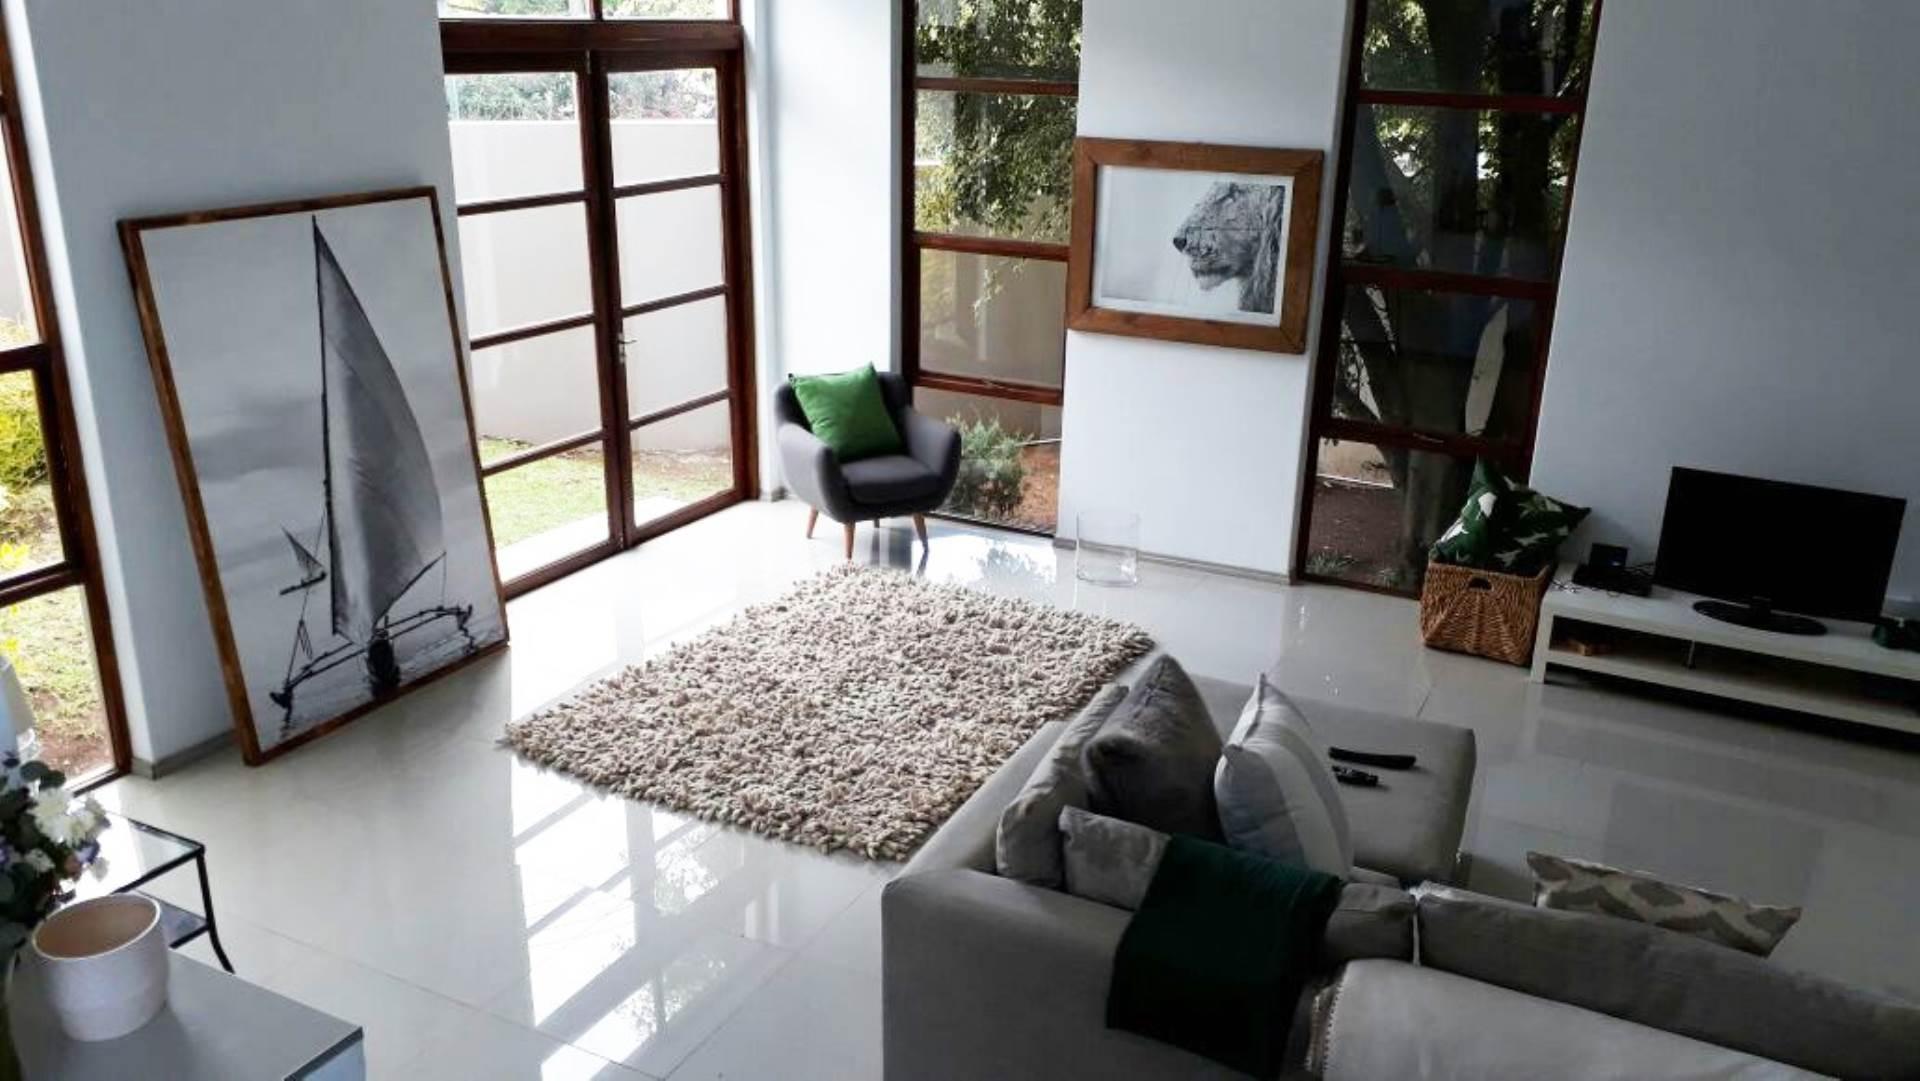 3 BedroomHouse To Rent In Bryanston